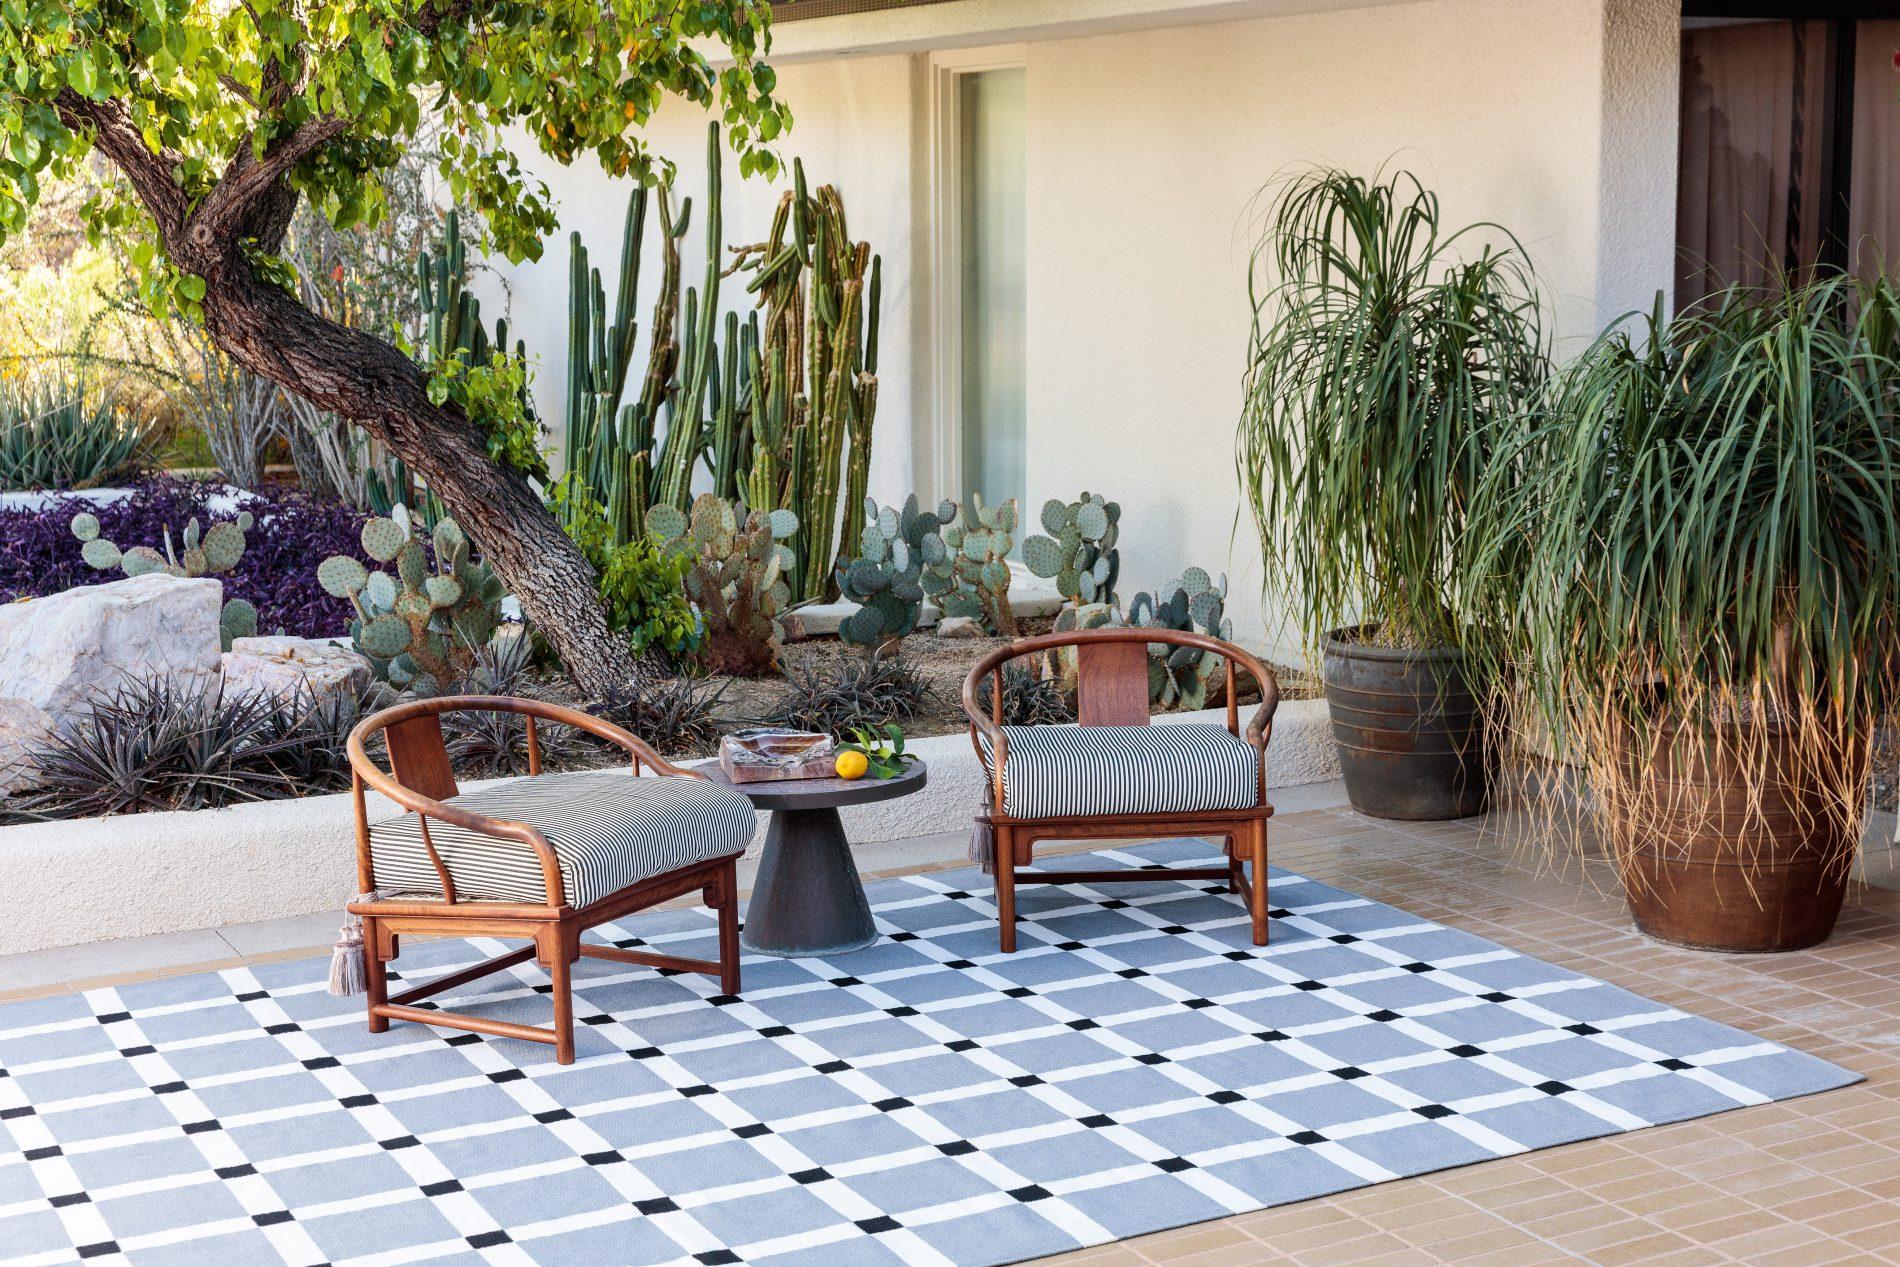 Außenbereich mit Kakteen, einem Baum und Topfpflanzen. In der Mitte ein hellblauer Teppich mit gleichmäßig weißen Linien horizontal und vertikal angelegt.